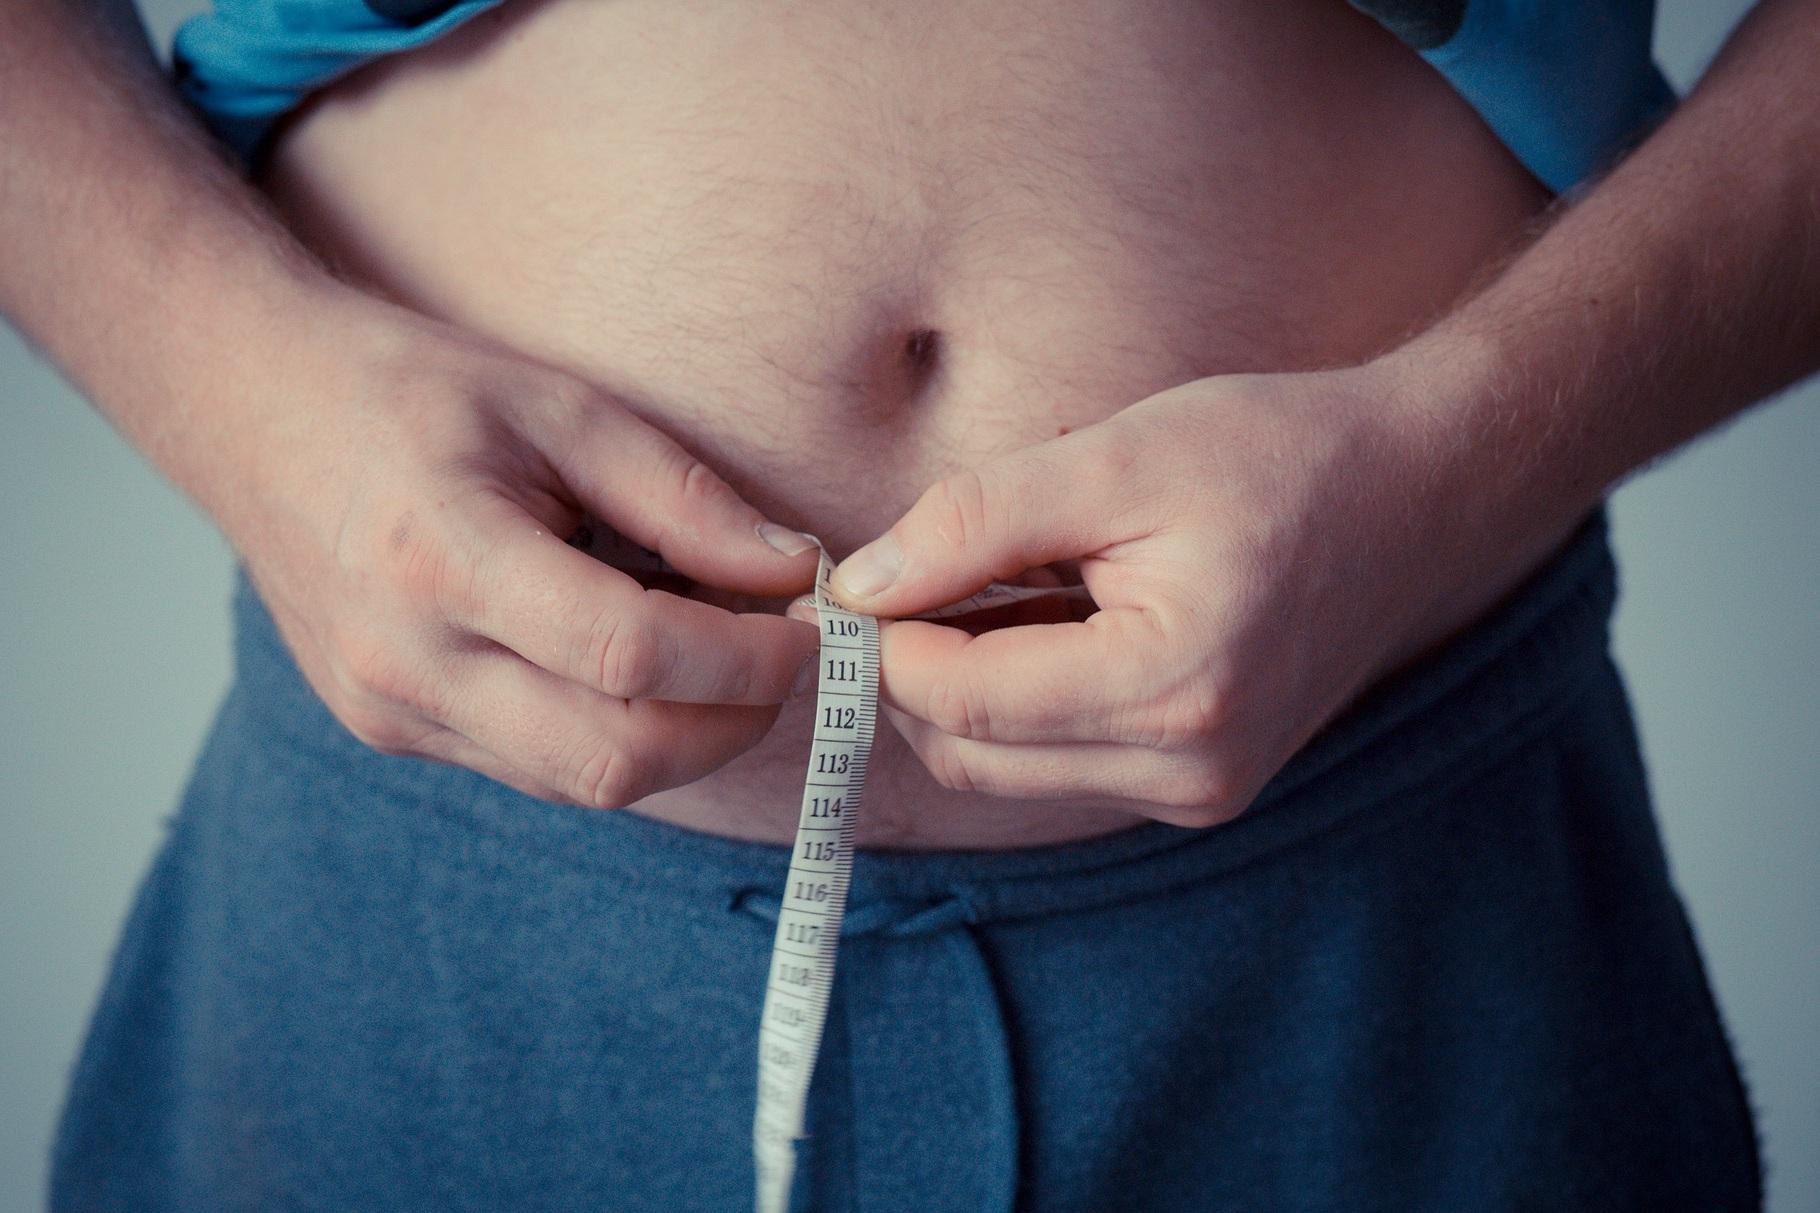 Obezita je jednou z civilizačních chorob. Čeští vědci zkoumají vlastnosti tukové tkáně, aby zjistili, v čem spočívá náchylnost k tloustnutí